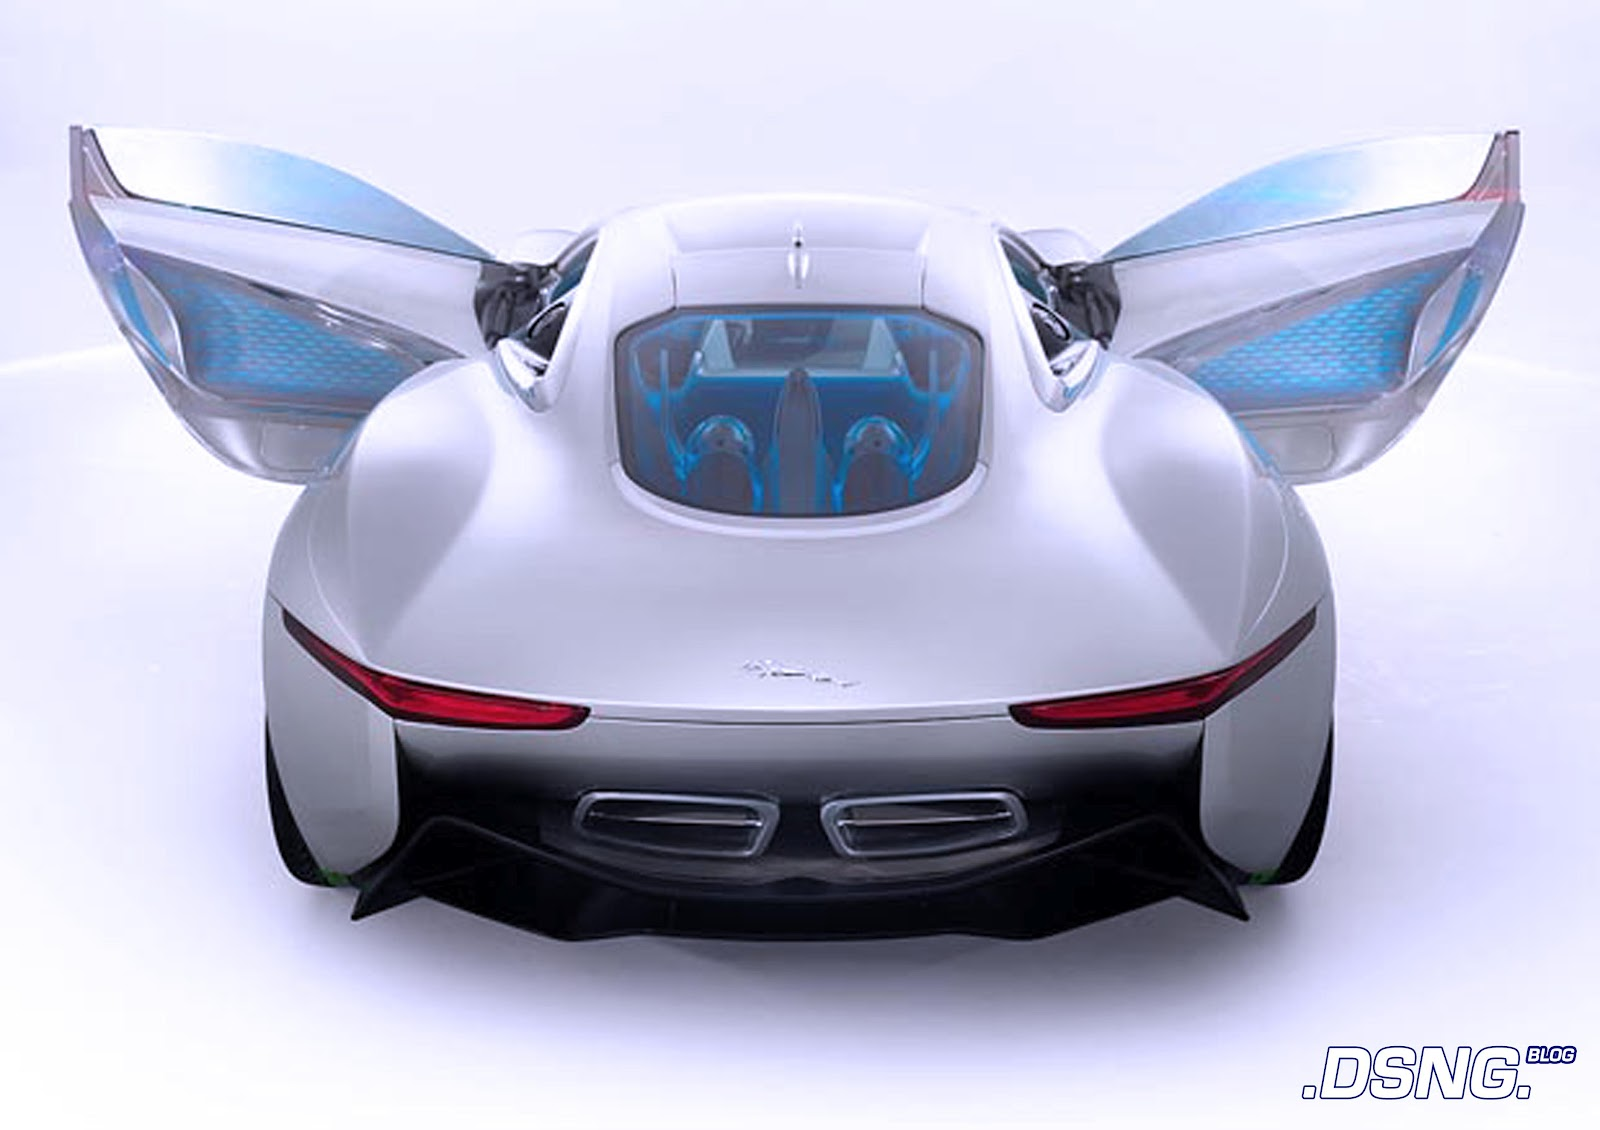 DSNGS SCI FI MEGAVERSE THE FUTURISTIC JAGUAR CX75